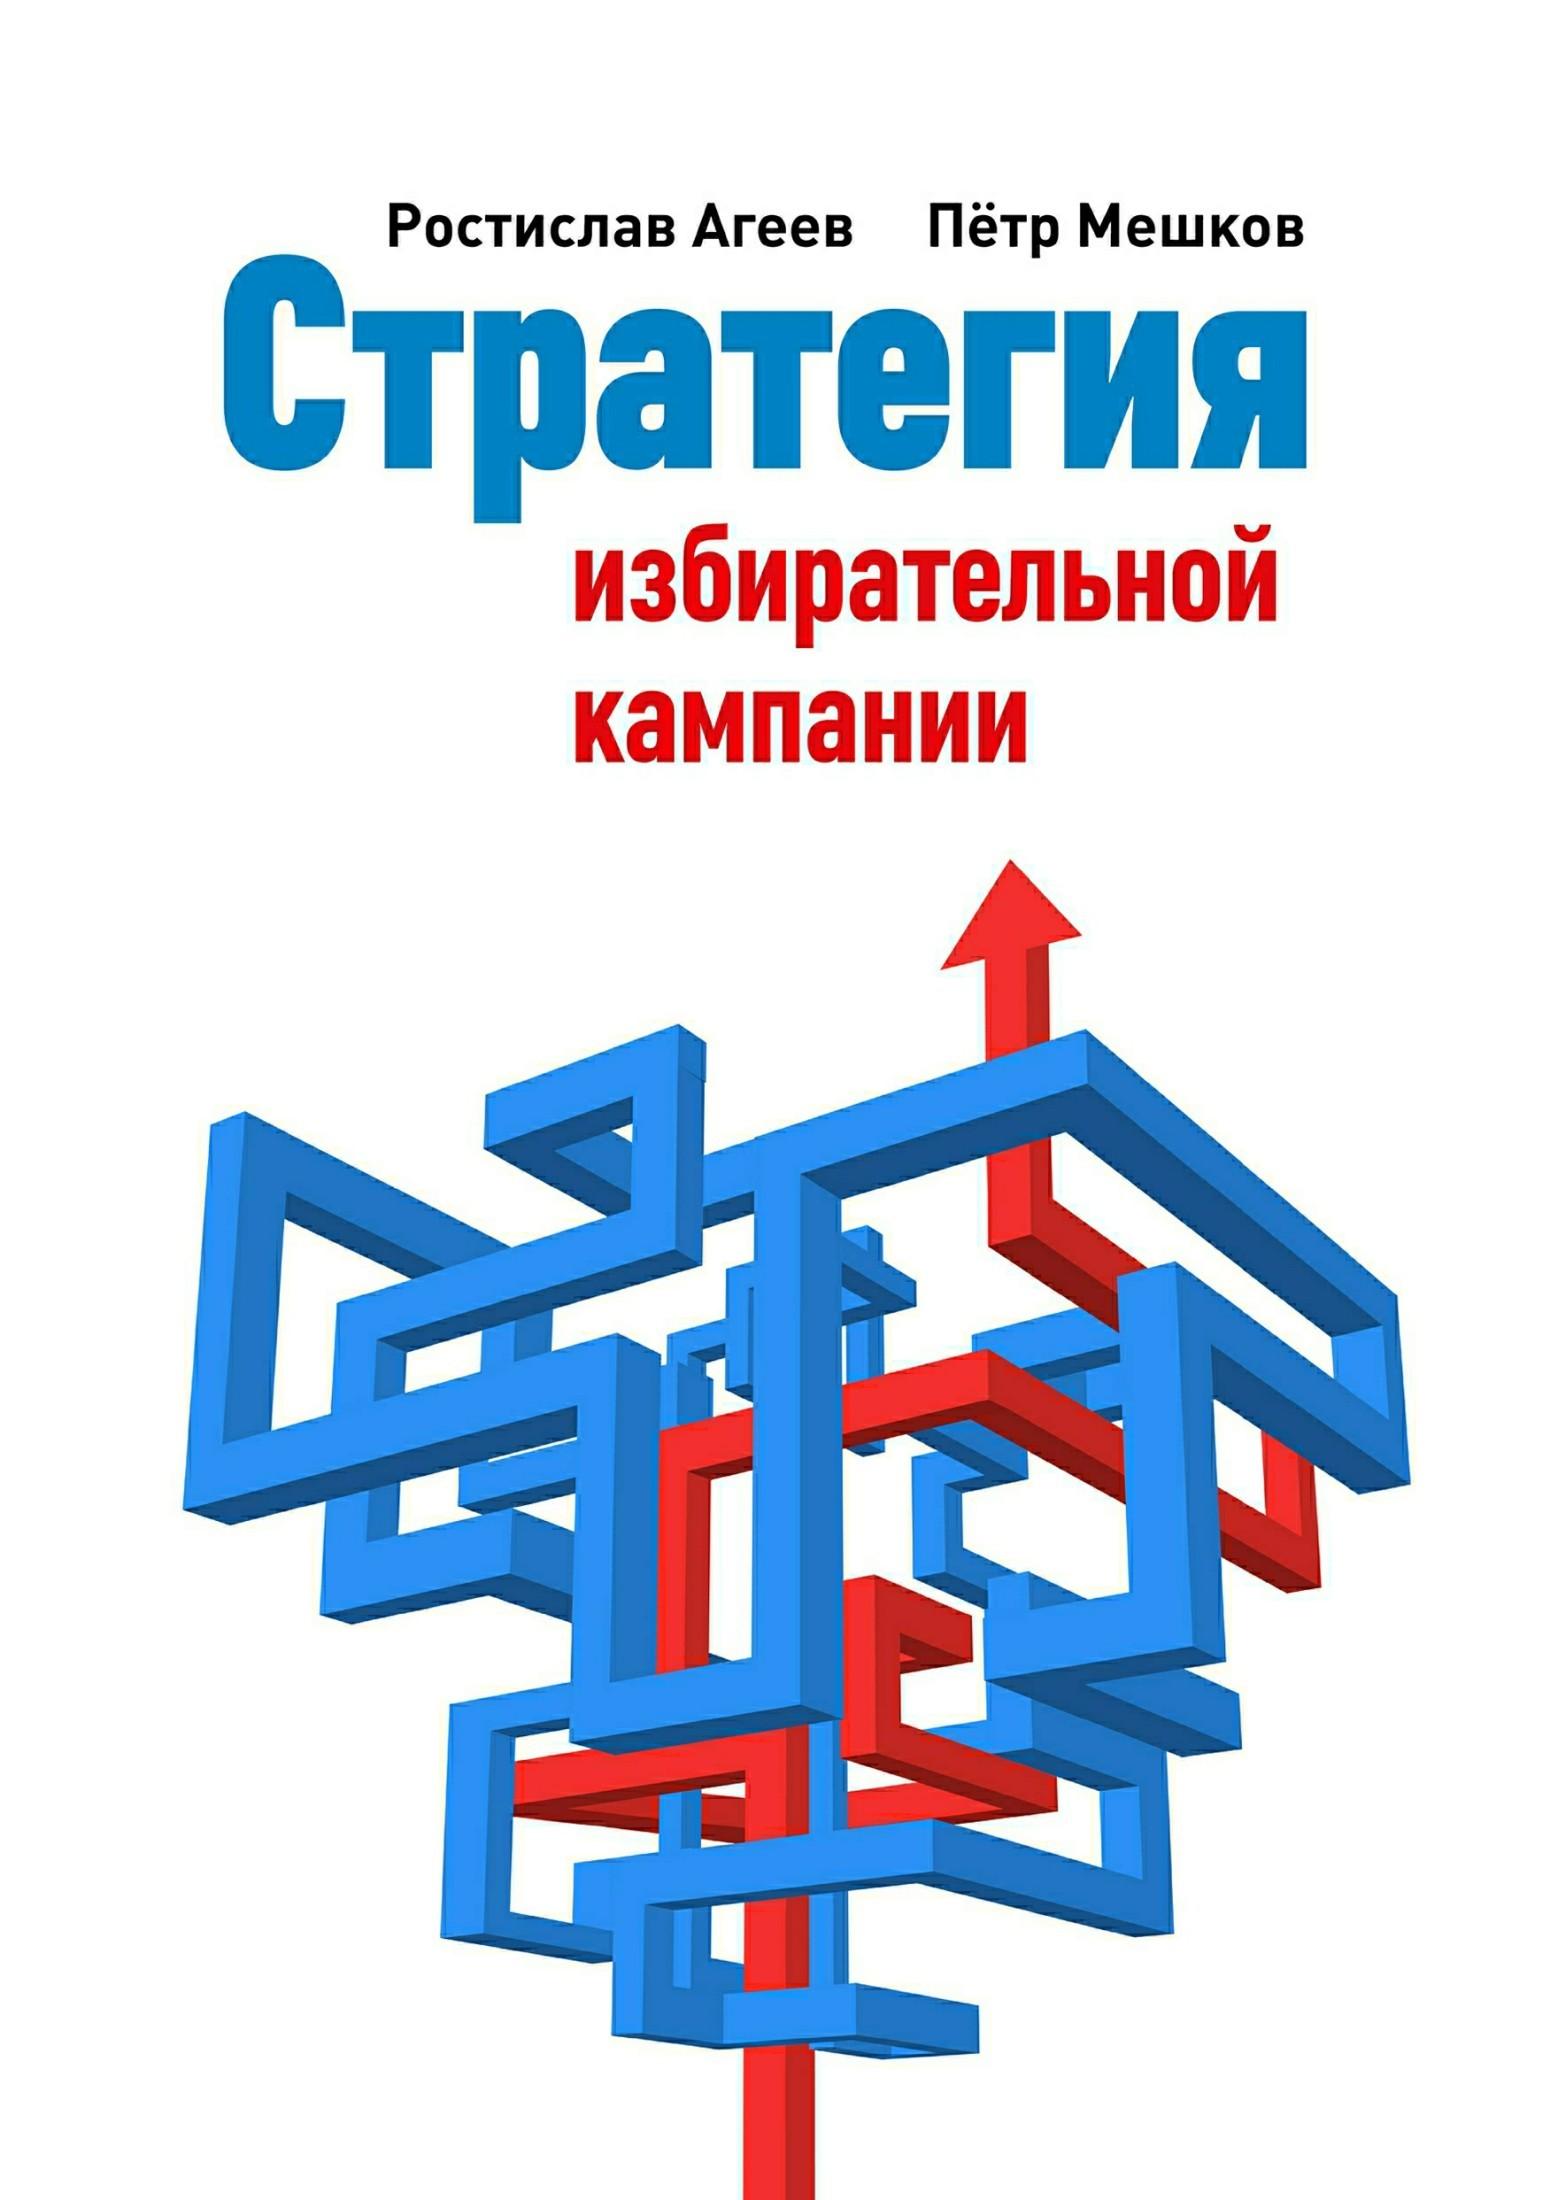 Ростислав Евгеньевич Агеев бесплатно